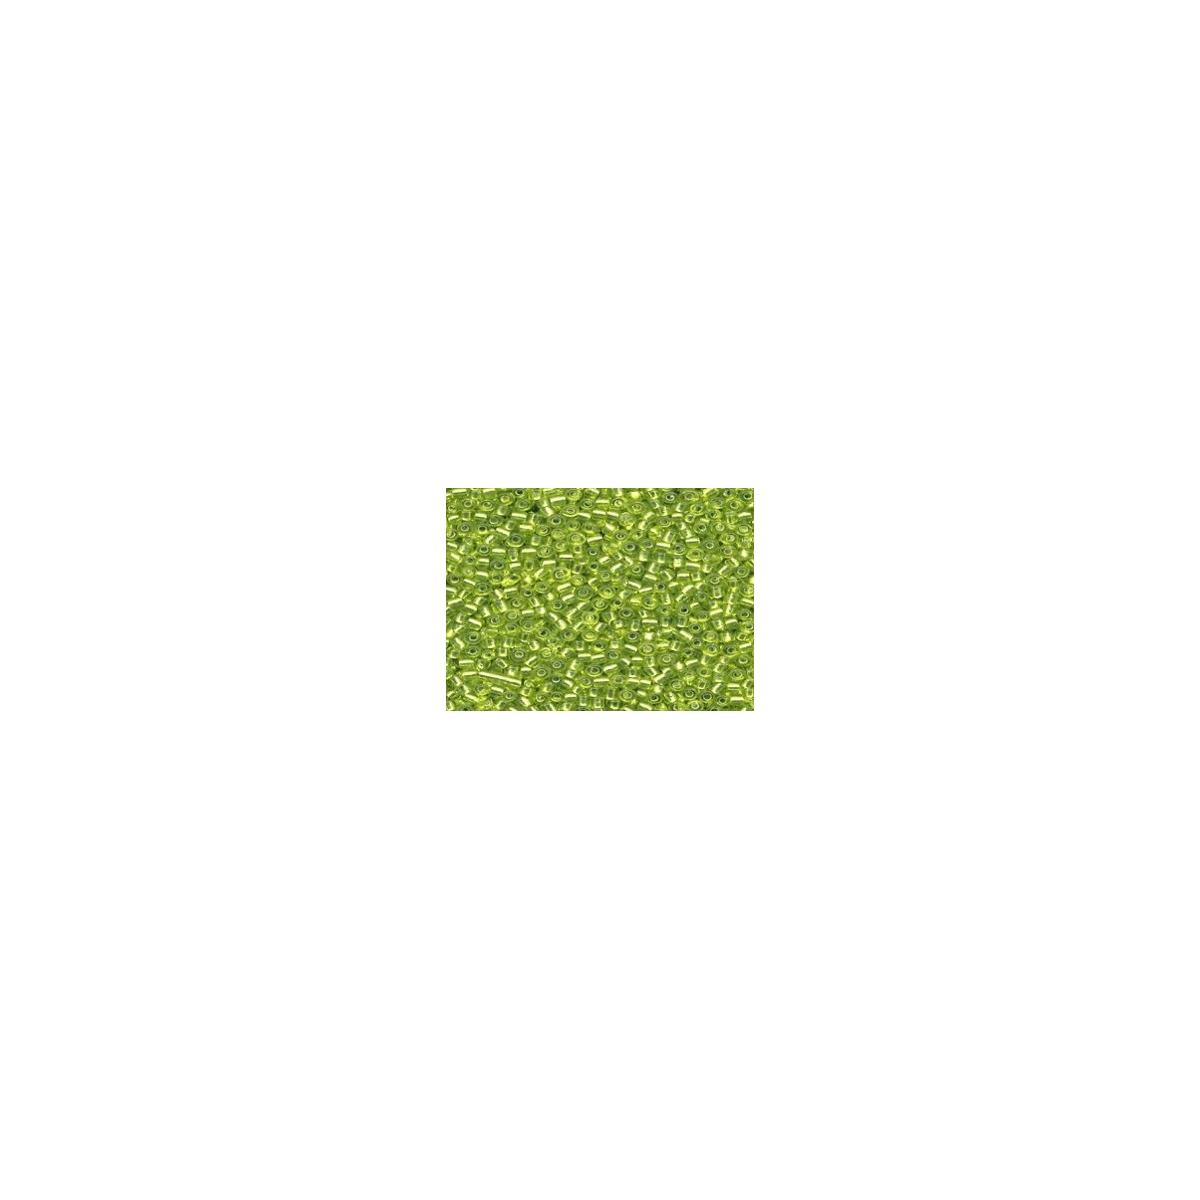 Rocalla nº 1 - Verde Claro Brillante